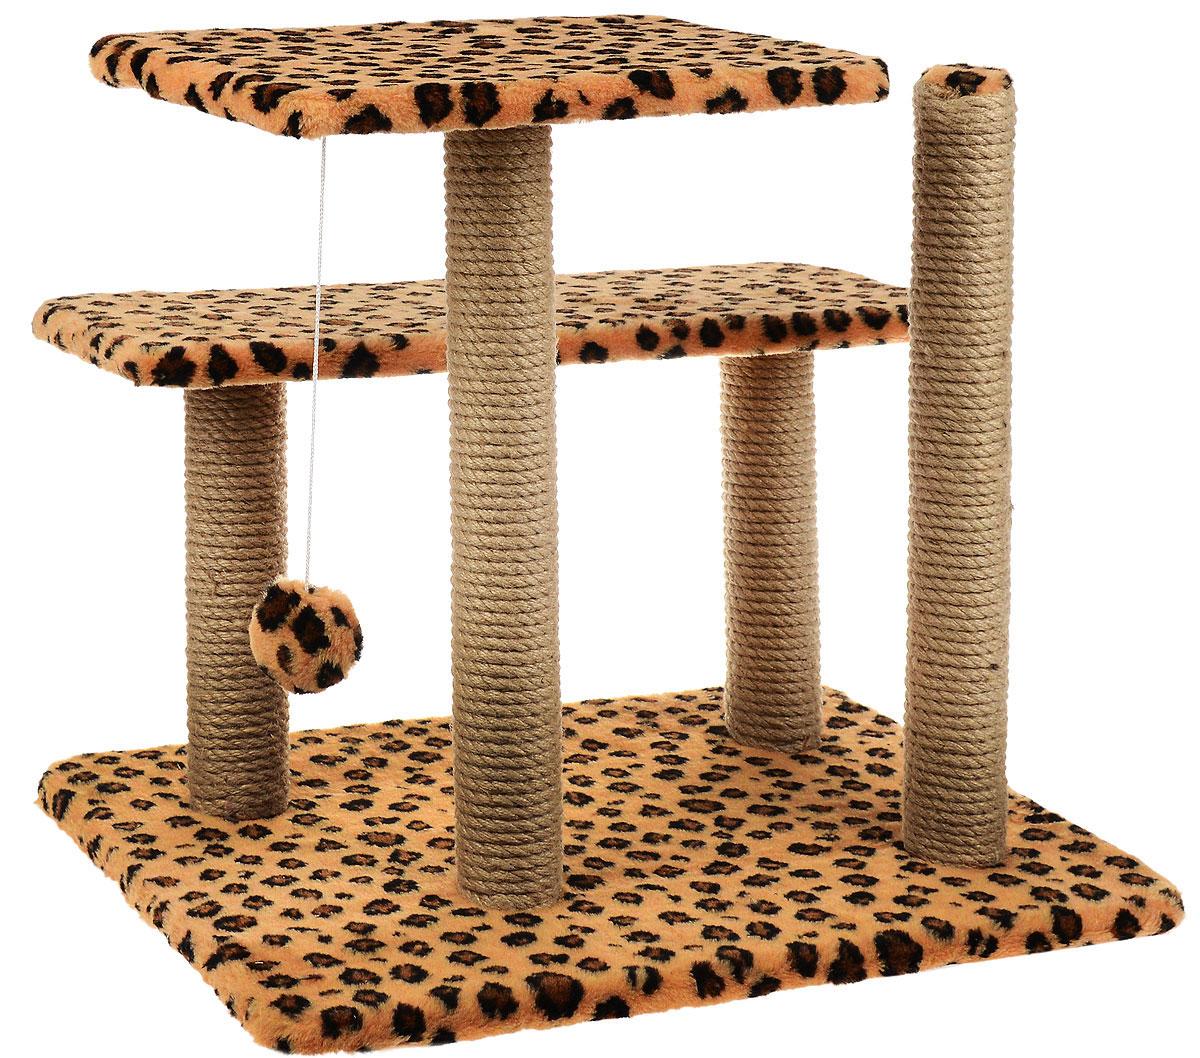 Игровой комплекс для кошек Меридиан, с игрушкой и когтеточками, цвет: коричневый, черный, бежевый, 61 х 41 х 53 см лежак для кошек меридиан ботинок 61 х 38 х 33 см